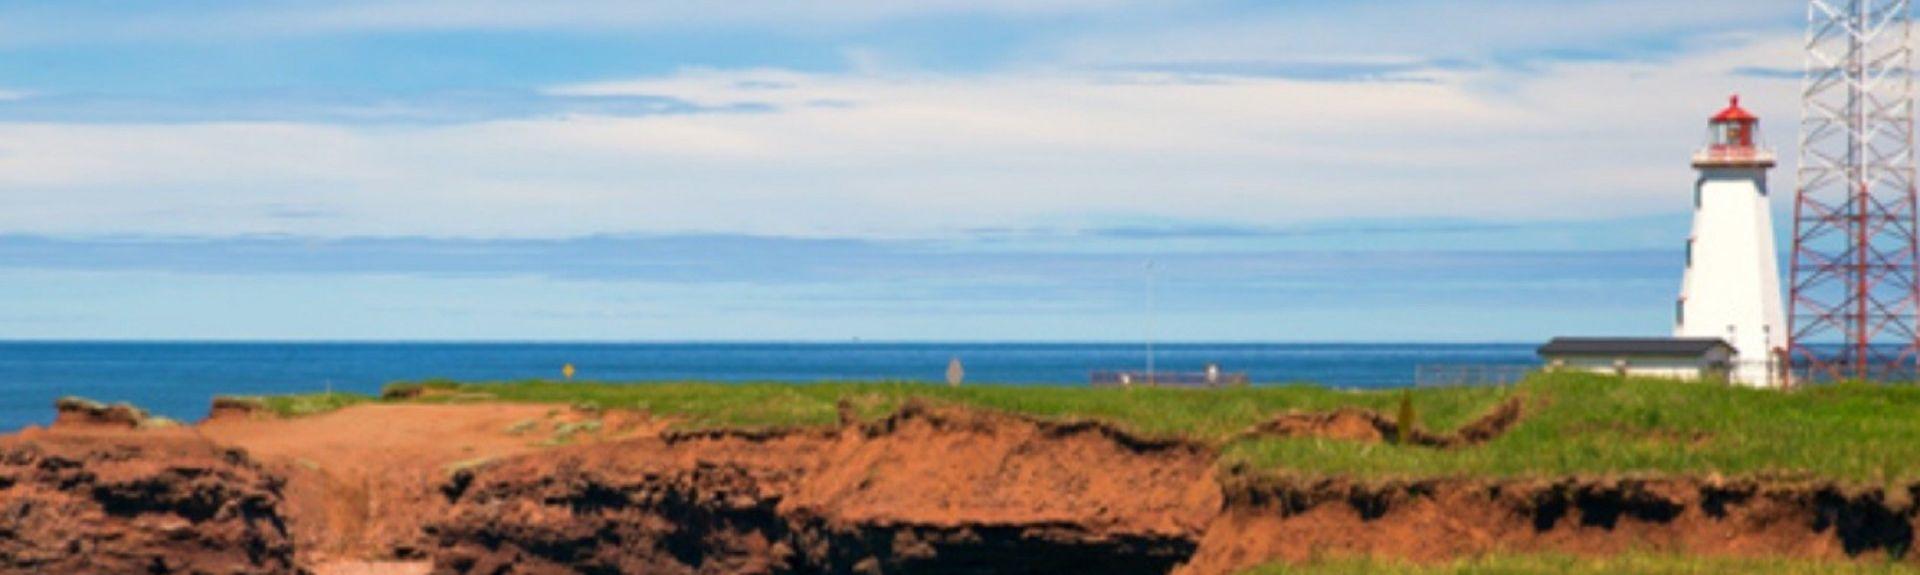 Glen Afton Golf Course, Fairview, Prince Edward Island, Canada